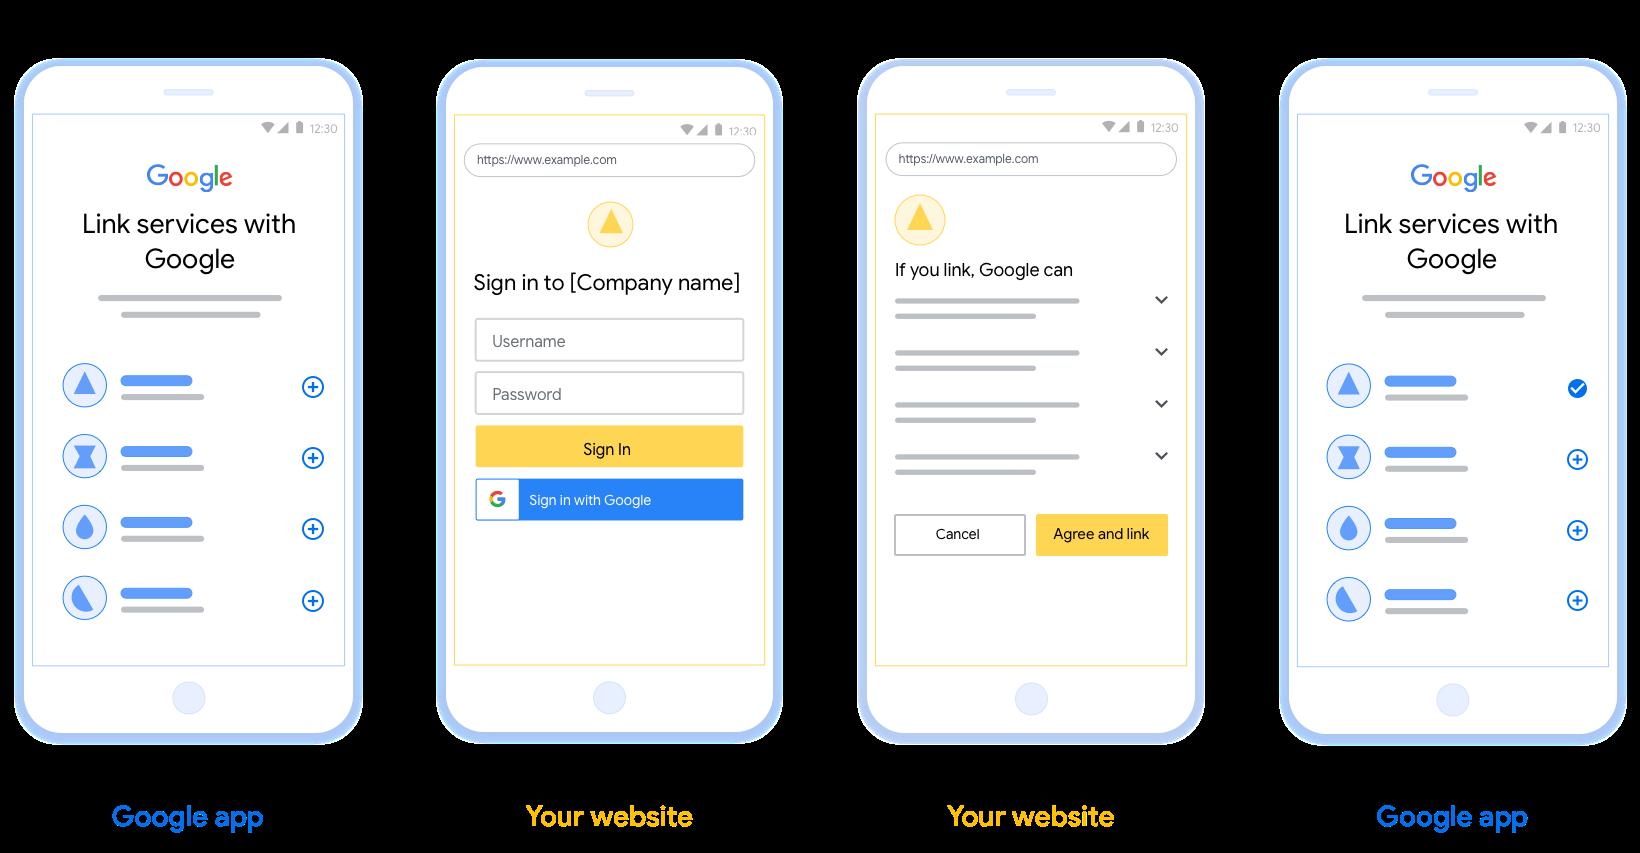 Bu şekil, bir kullanıcının Google hesabını kimlik doğrulama sisteminize bağlama adımlarını gösterir. İlk ekran görüntüsü, platformunuzdan kullanıcı tarafından başlatılan bağlantıları gösterir. İkinci resim, kullanıcının Google'da oturum açtığını gösterirken üçüncüsü, kullanıcının Google hesabını uygulamanıza bağlamak için onayını ve onayını gösterir. Son ekran görüntüsü, Google uygulamasında başarılı bir şekilde bağlanmış bir kullanıcı hesabını gösterir.